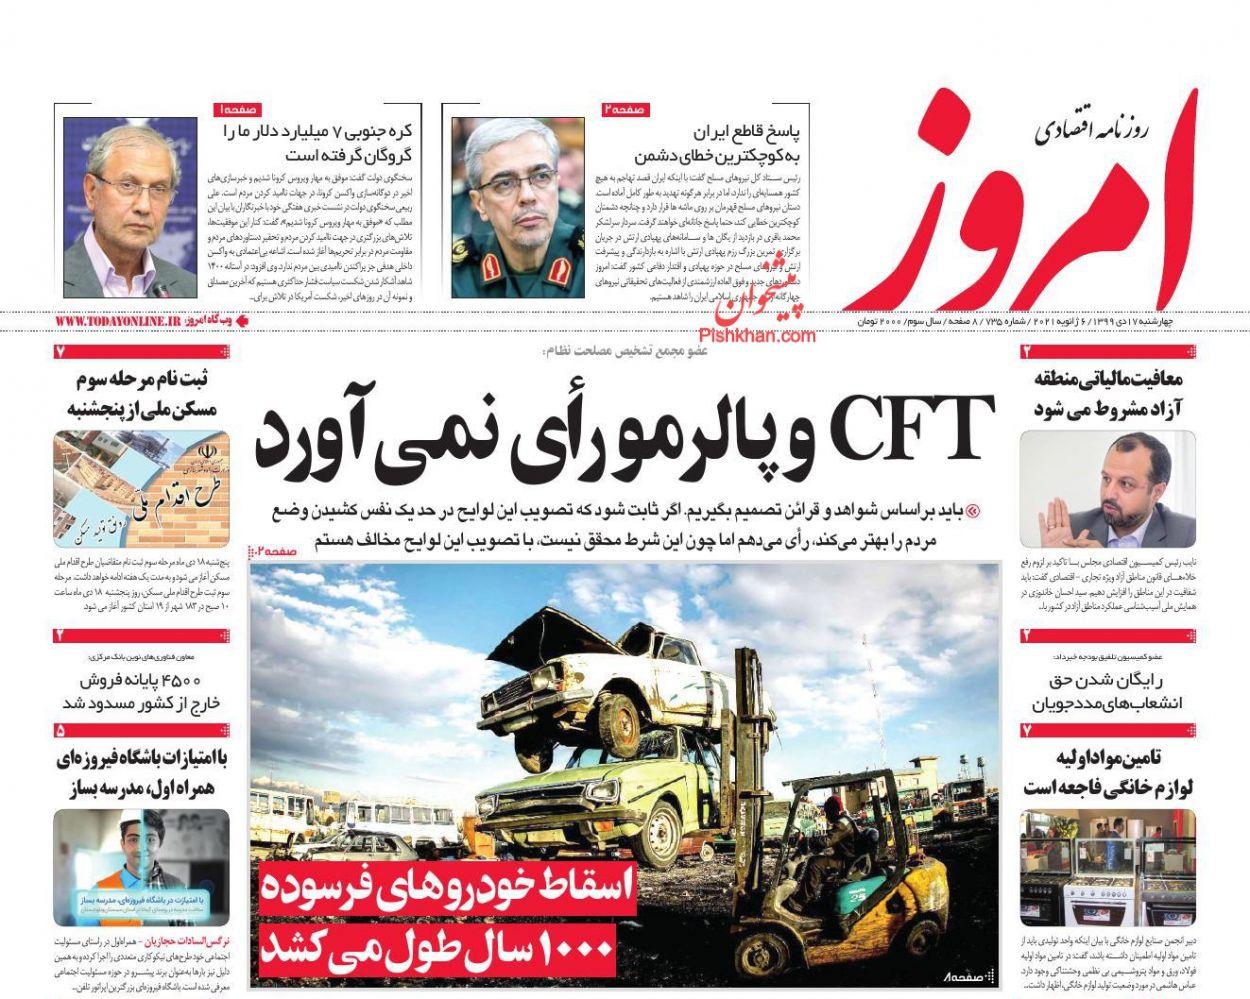 عناوین اخبار روزنامه امروز در روز چهارشنبه ۱۷ دی